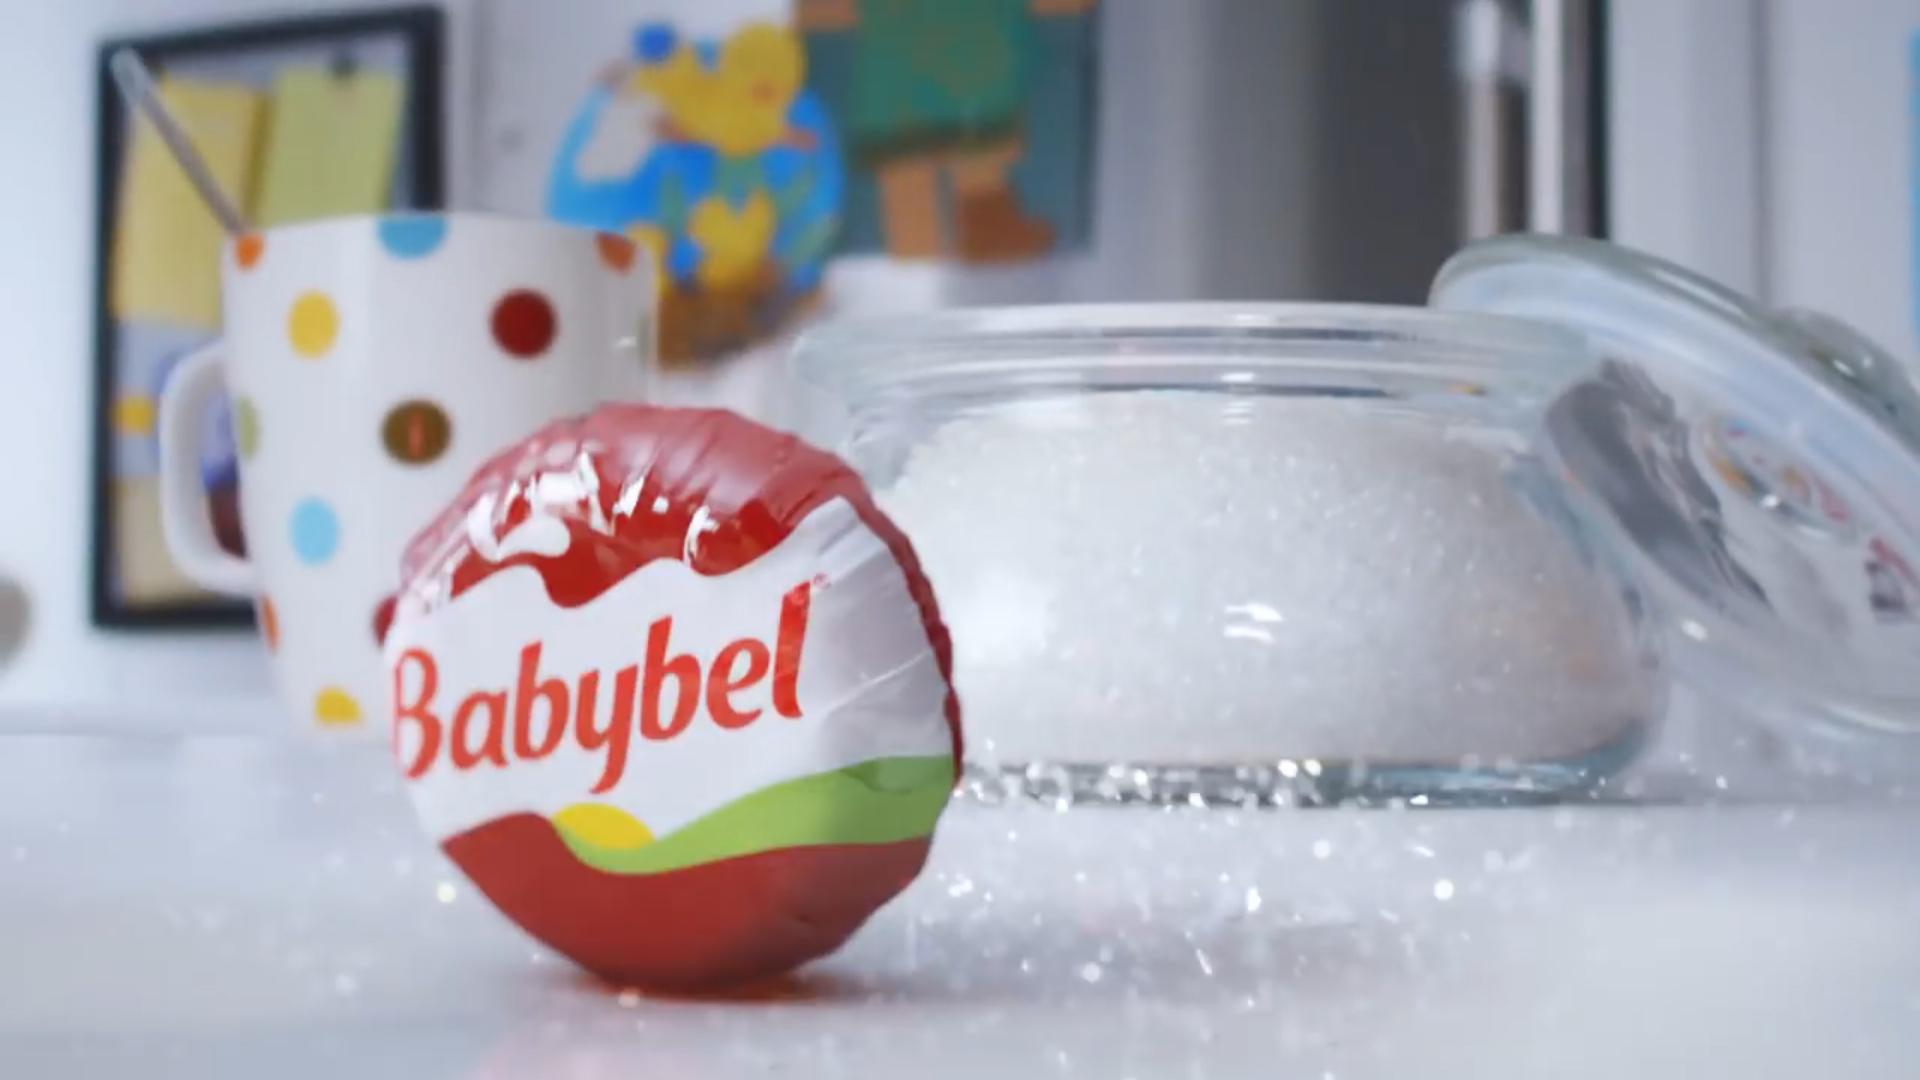 Babybell_Sh005_2.jpg